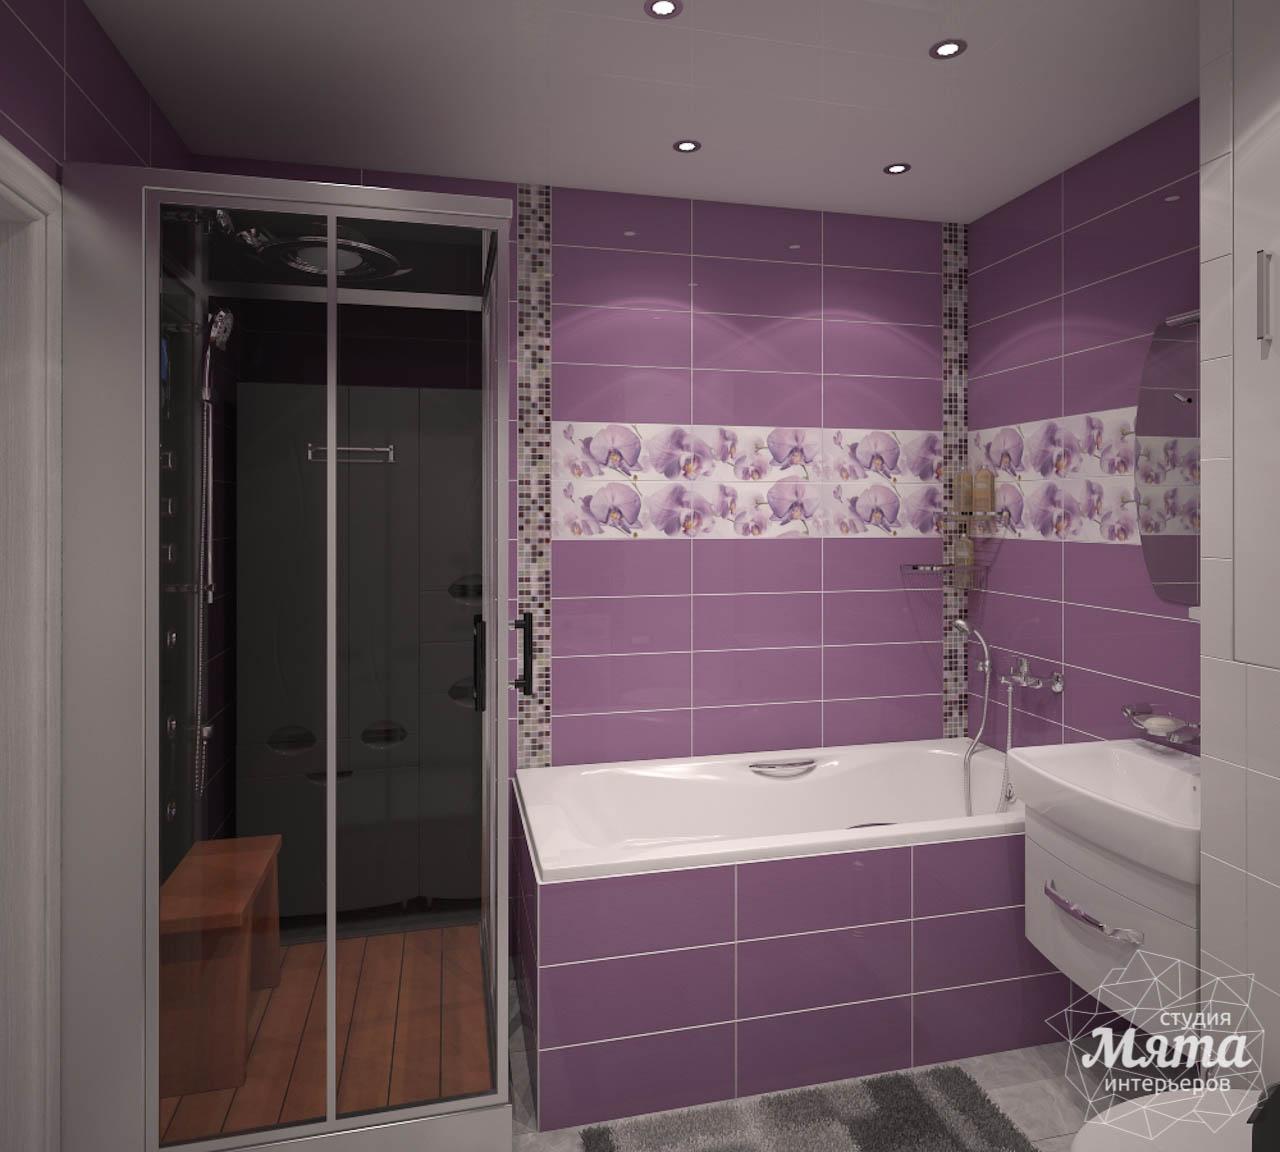 Дизайн интерьера  и ремонт трехкомнатной квартиры по ул. Машинная 44 img1434802500